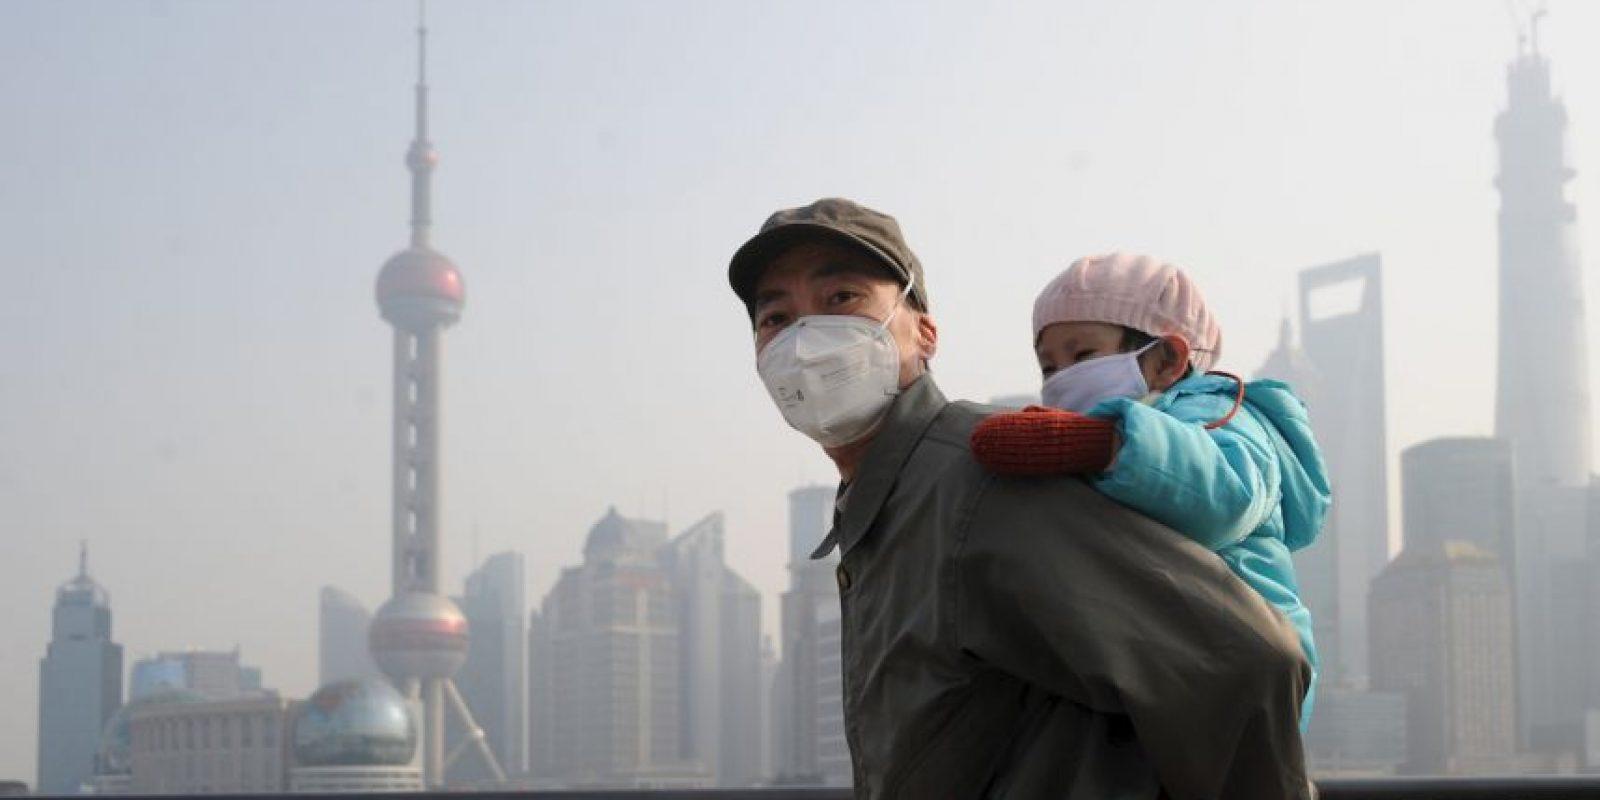 Los habitantes de países de ingresos bajos y medianos sufren desproporcionadamente la carga de morbilidad derivada de la contaminación del aire exterior. Foto:Getty Images